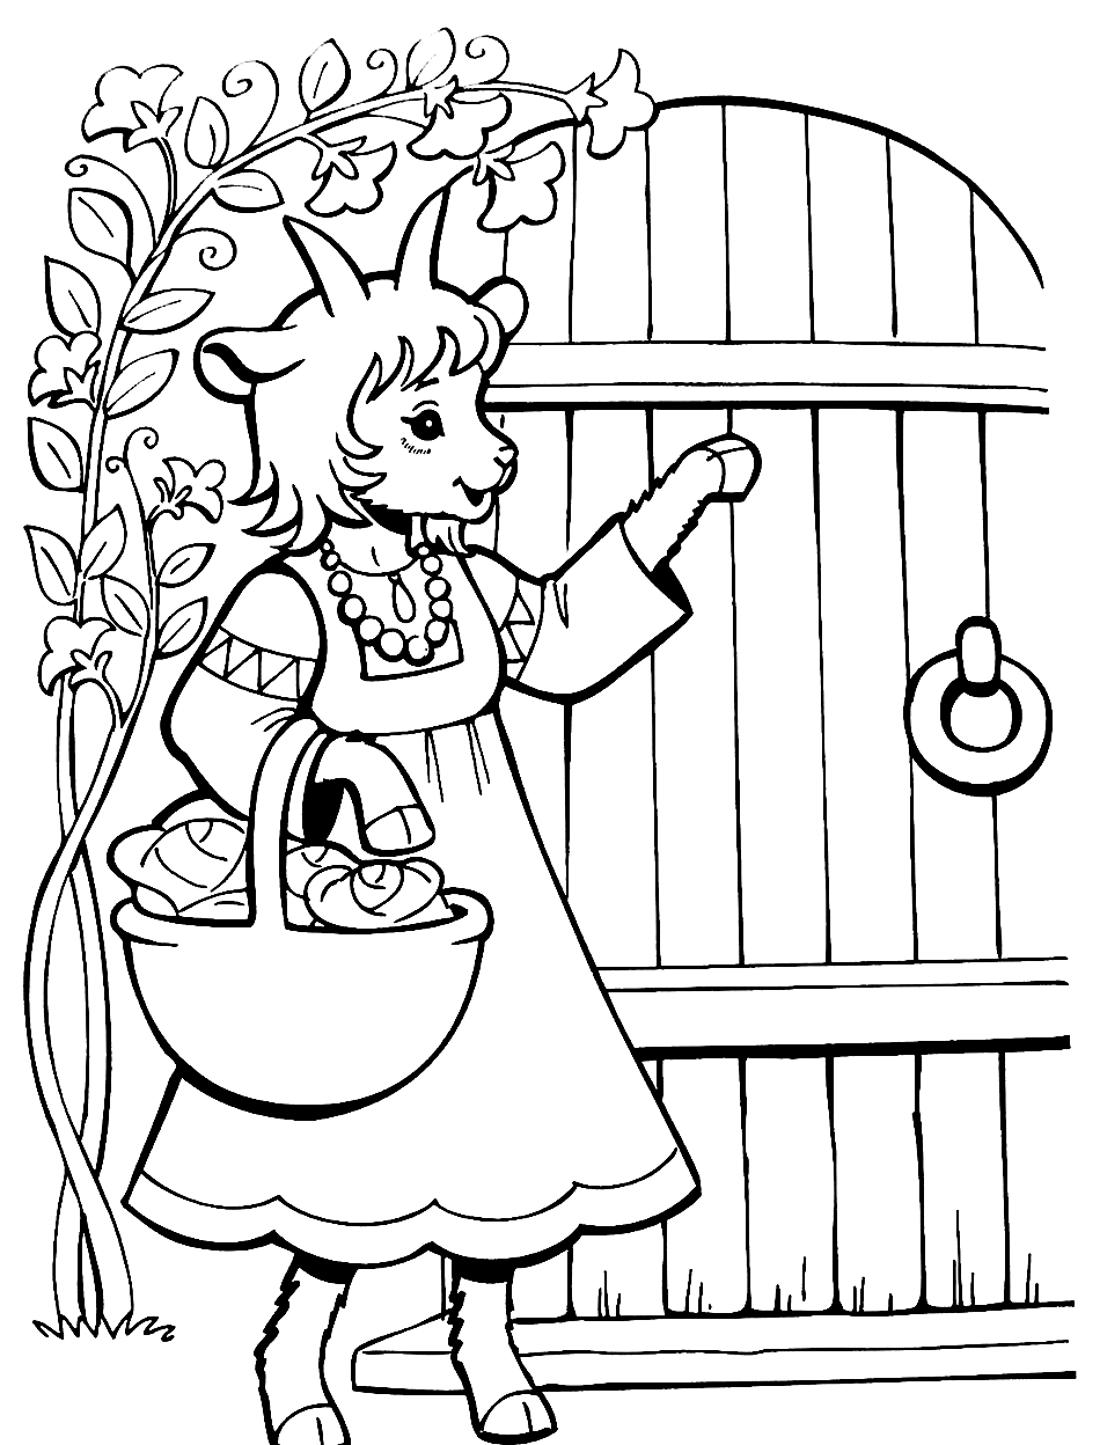 раскраски герои русских народных сказок картинки качестве используются один